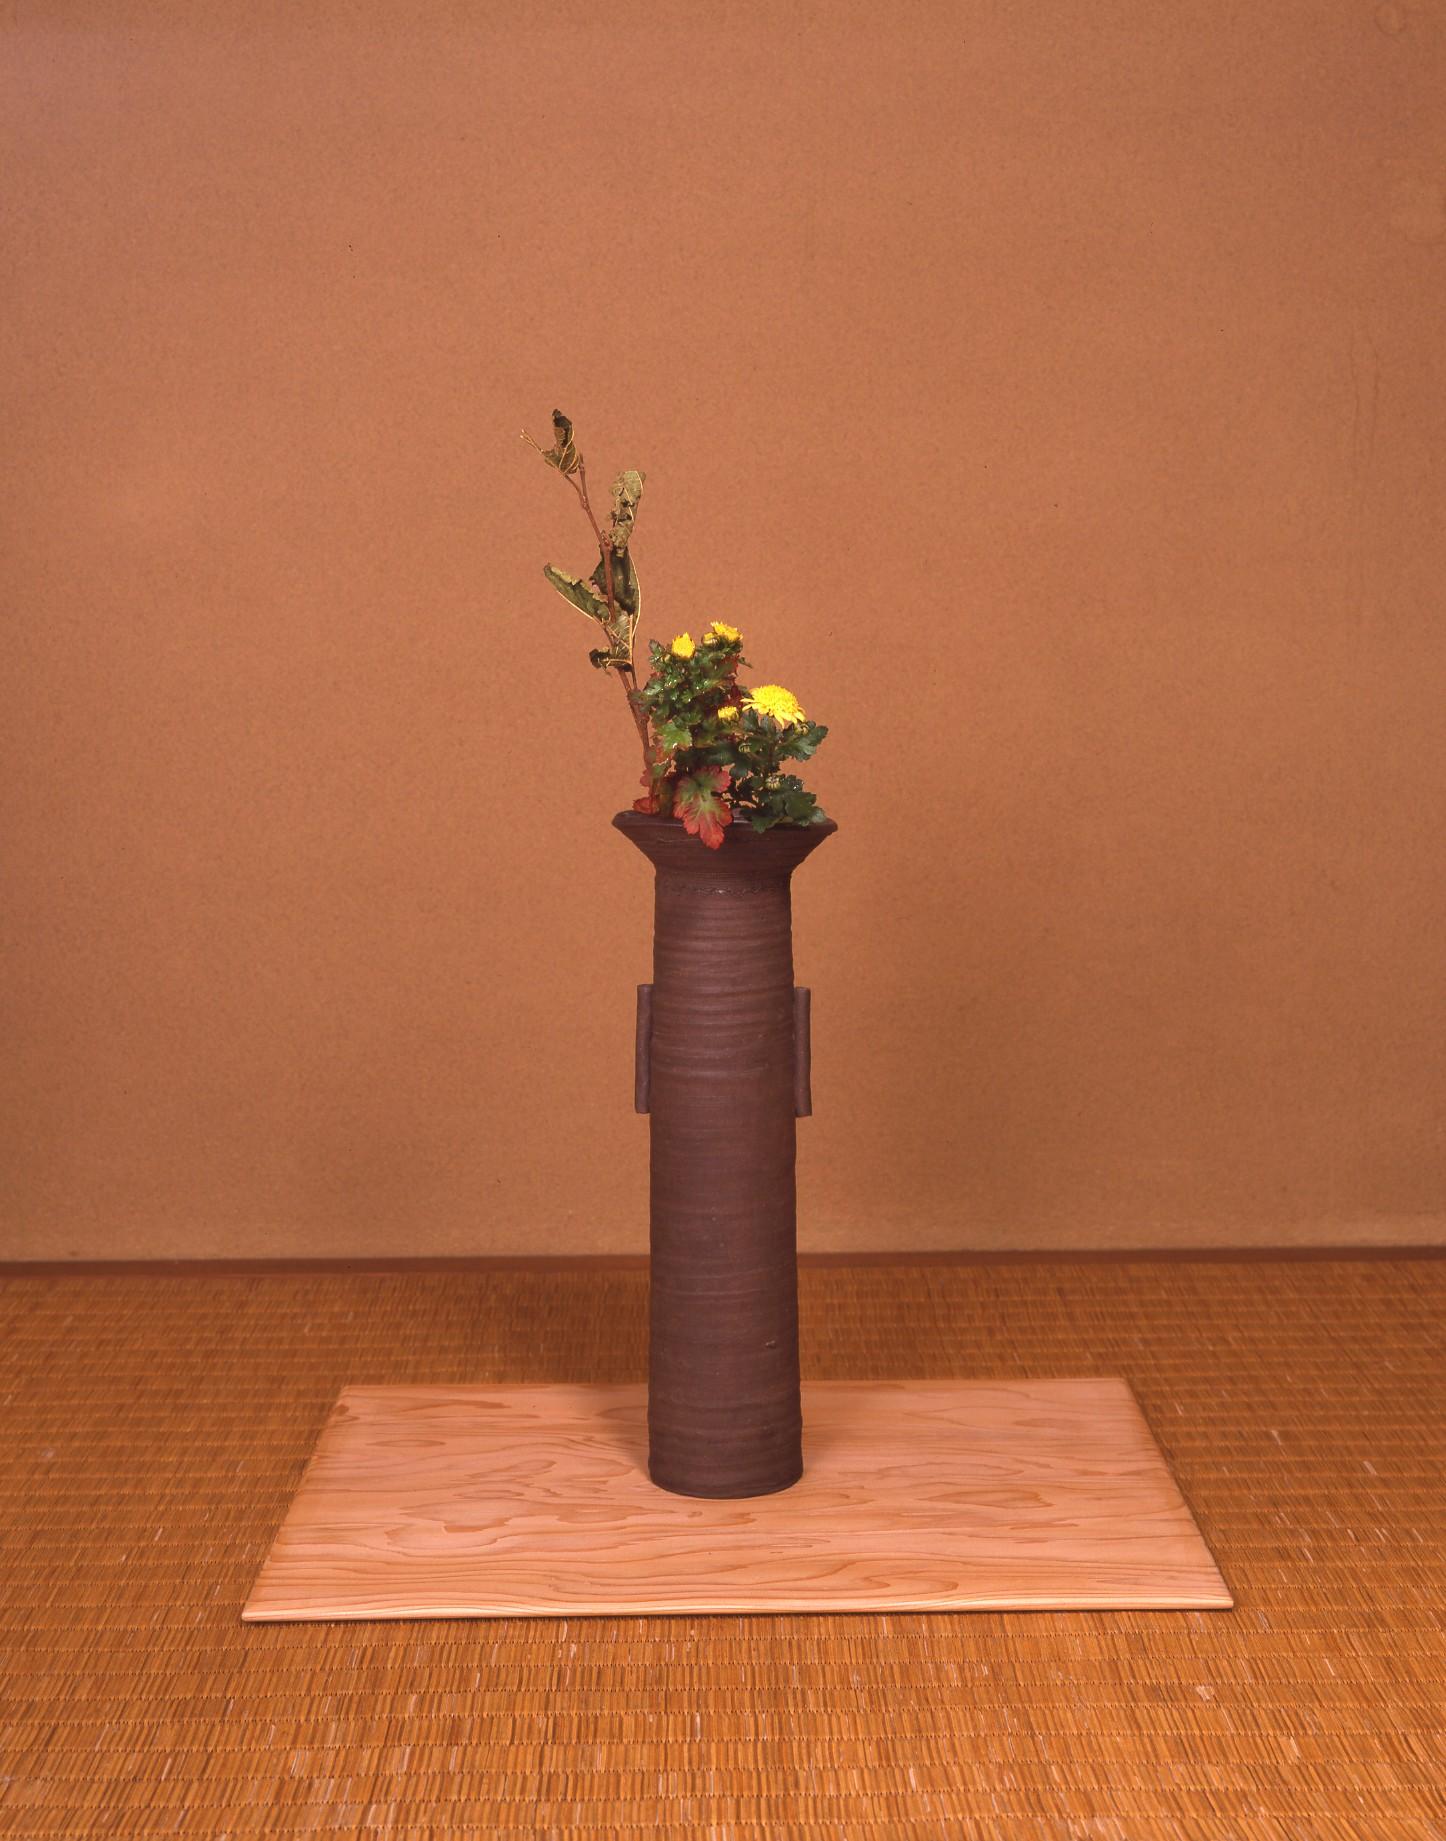 【今月の茶花】 12月の茶花